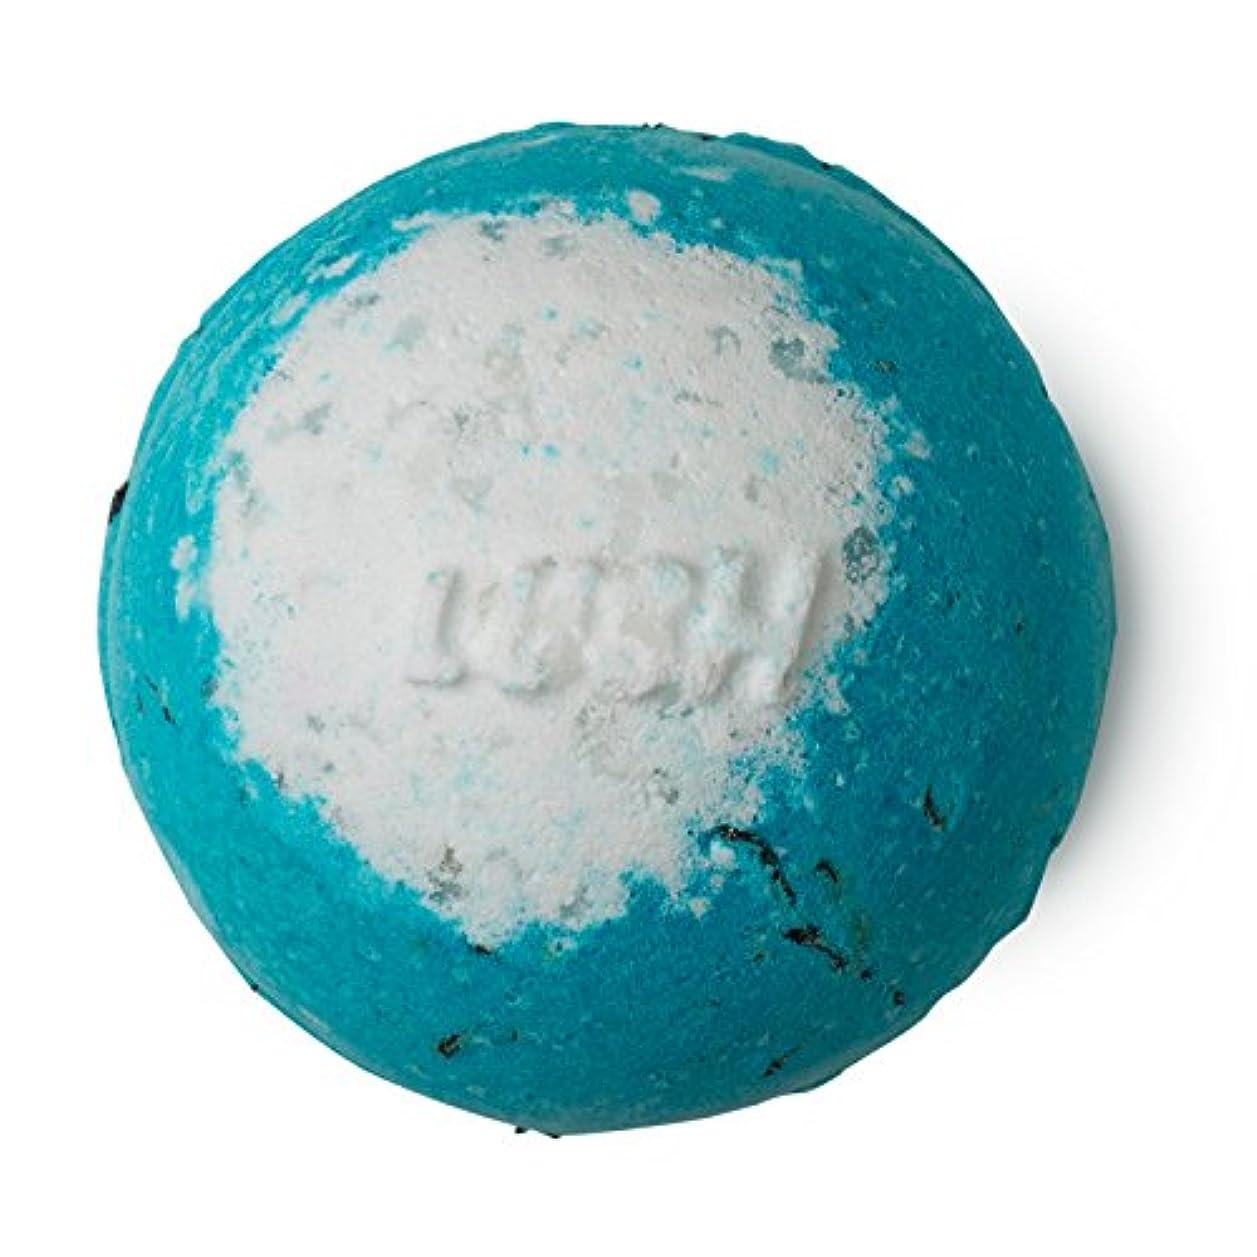 ポイント名前で入札LUSH ラッシュ RUSHラッシュ 200g バスボム 浴用 シーソルト 入浴剤 ラベンダーオイル 入浴剤 ギフト